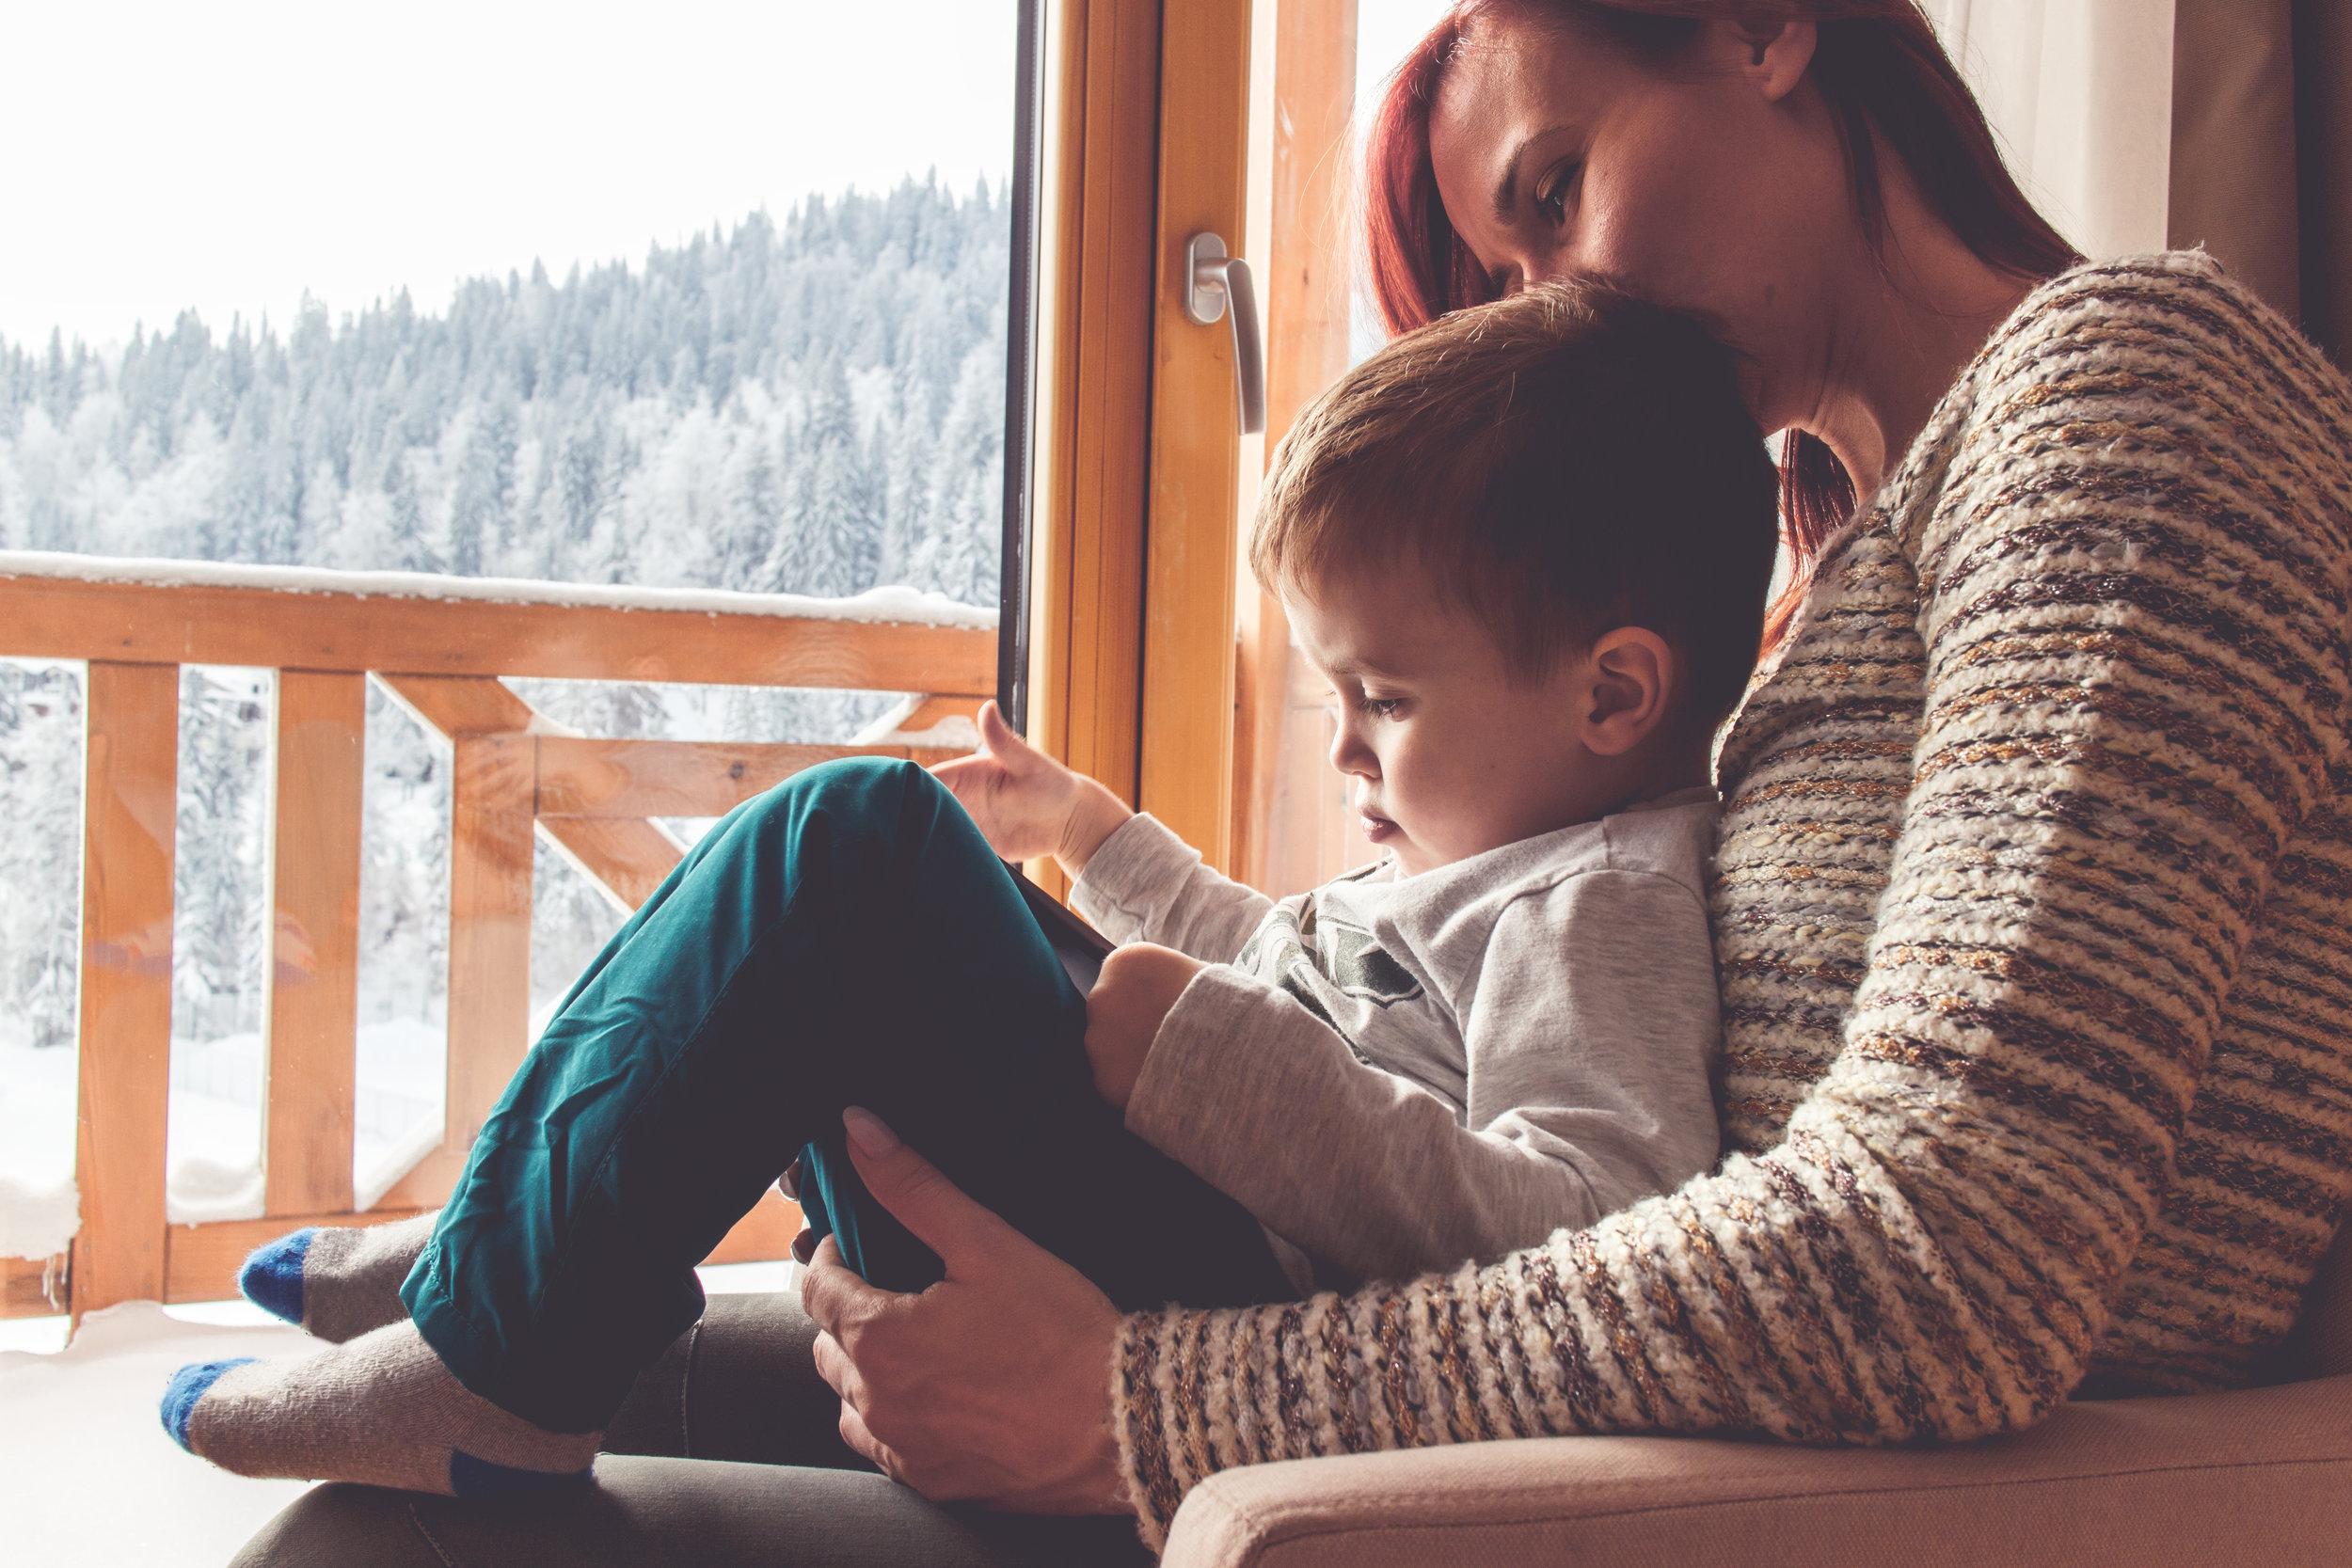 témoignage-maman-mère-enfant-maman de deux-prendre le temps-profiter de la vie-larmes maternelles-larmes d'amour-Je suis une maman